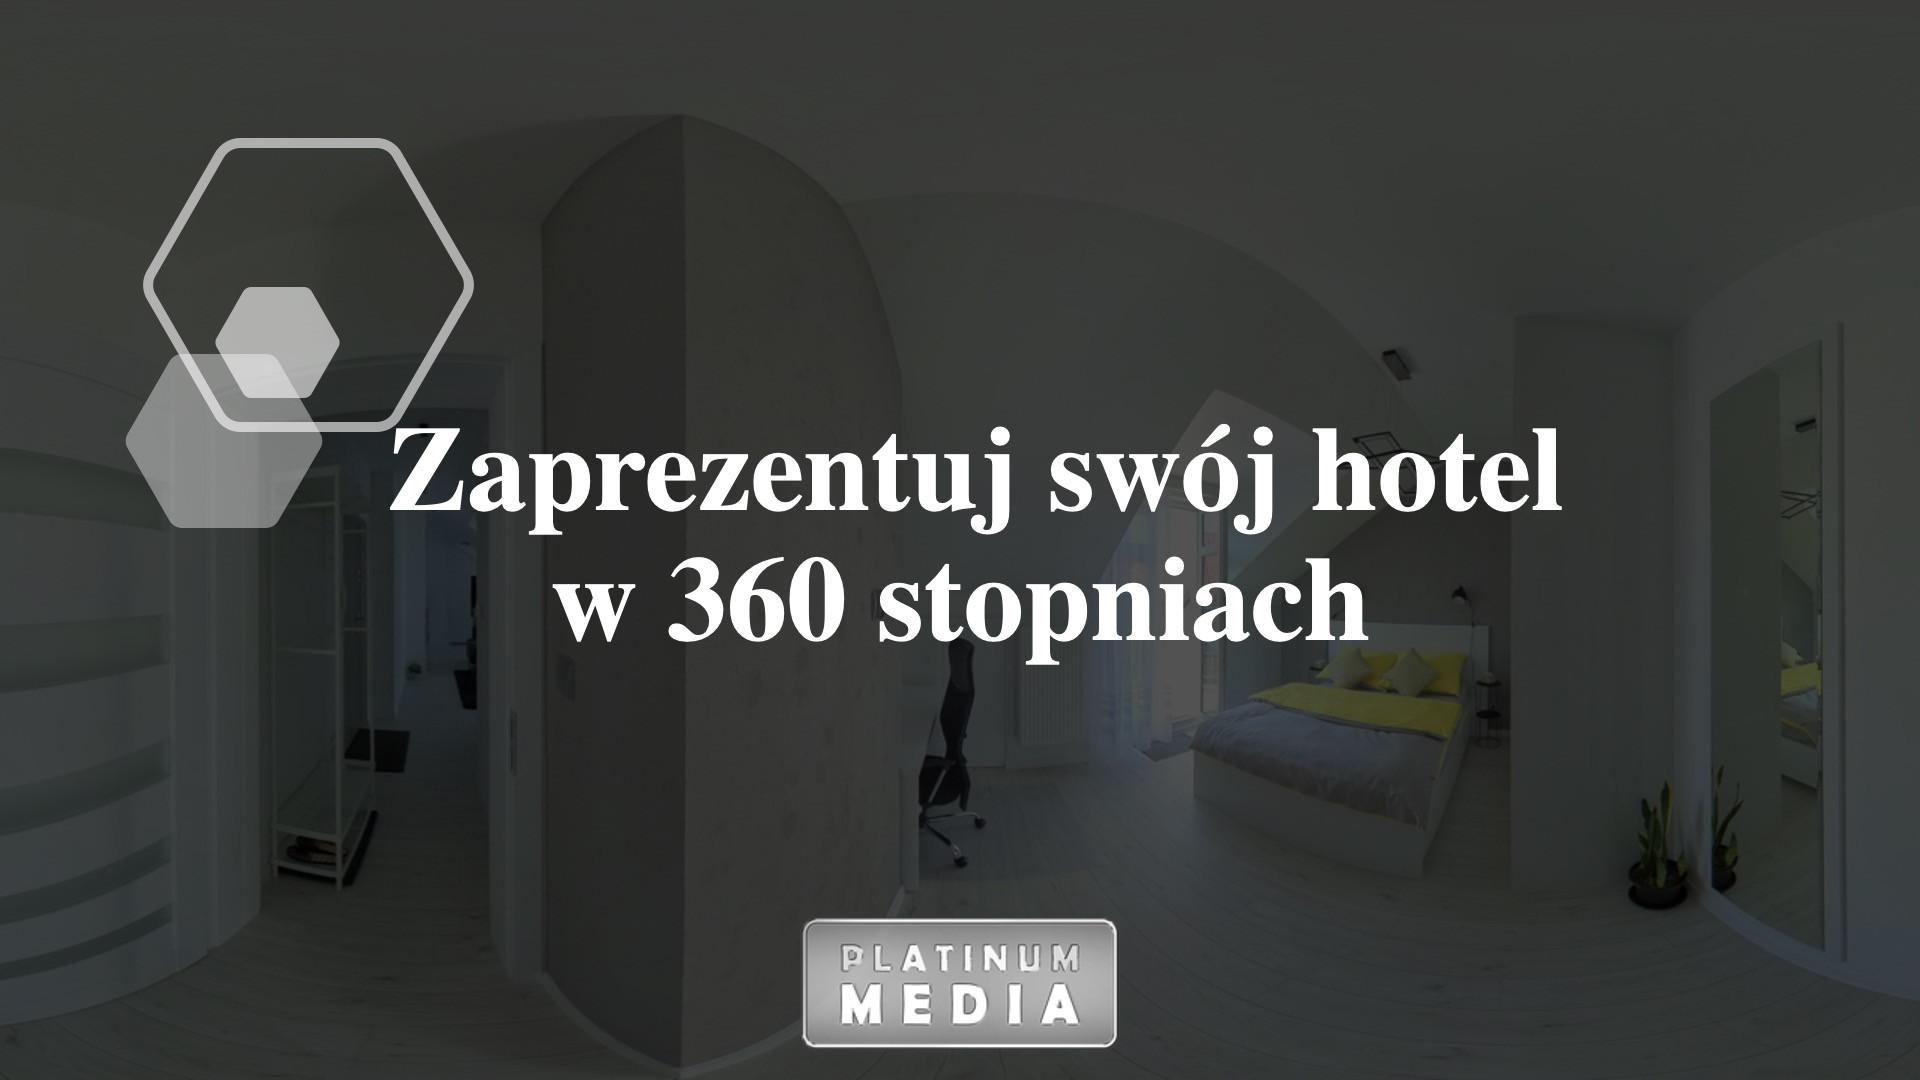 Zaprezentuj hotel w 360